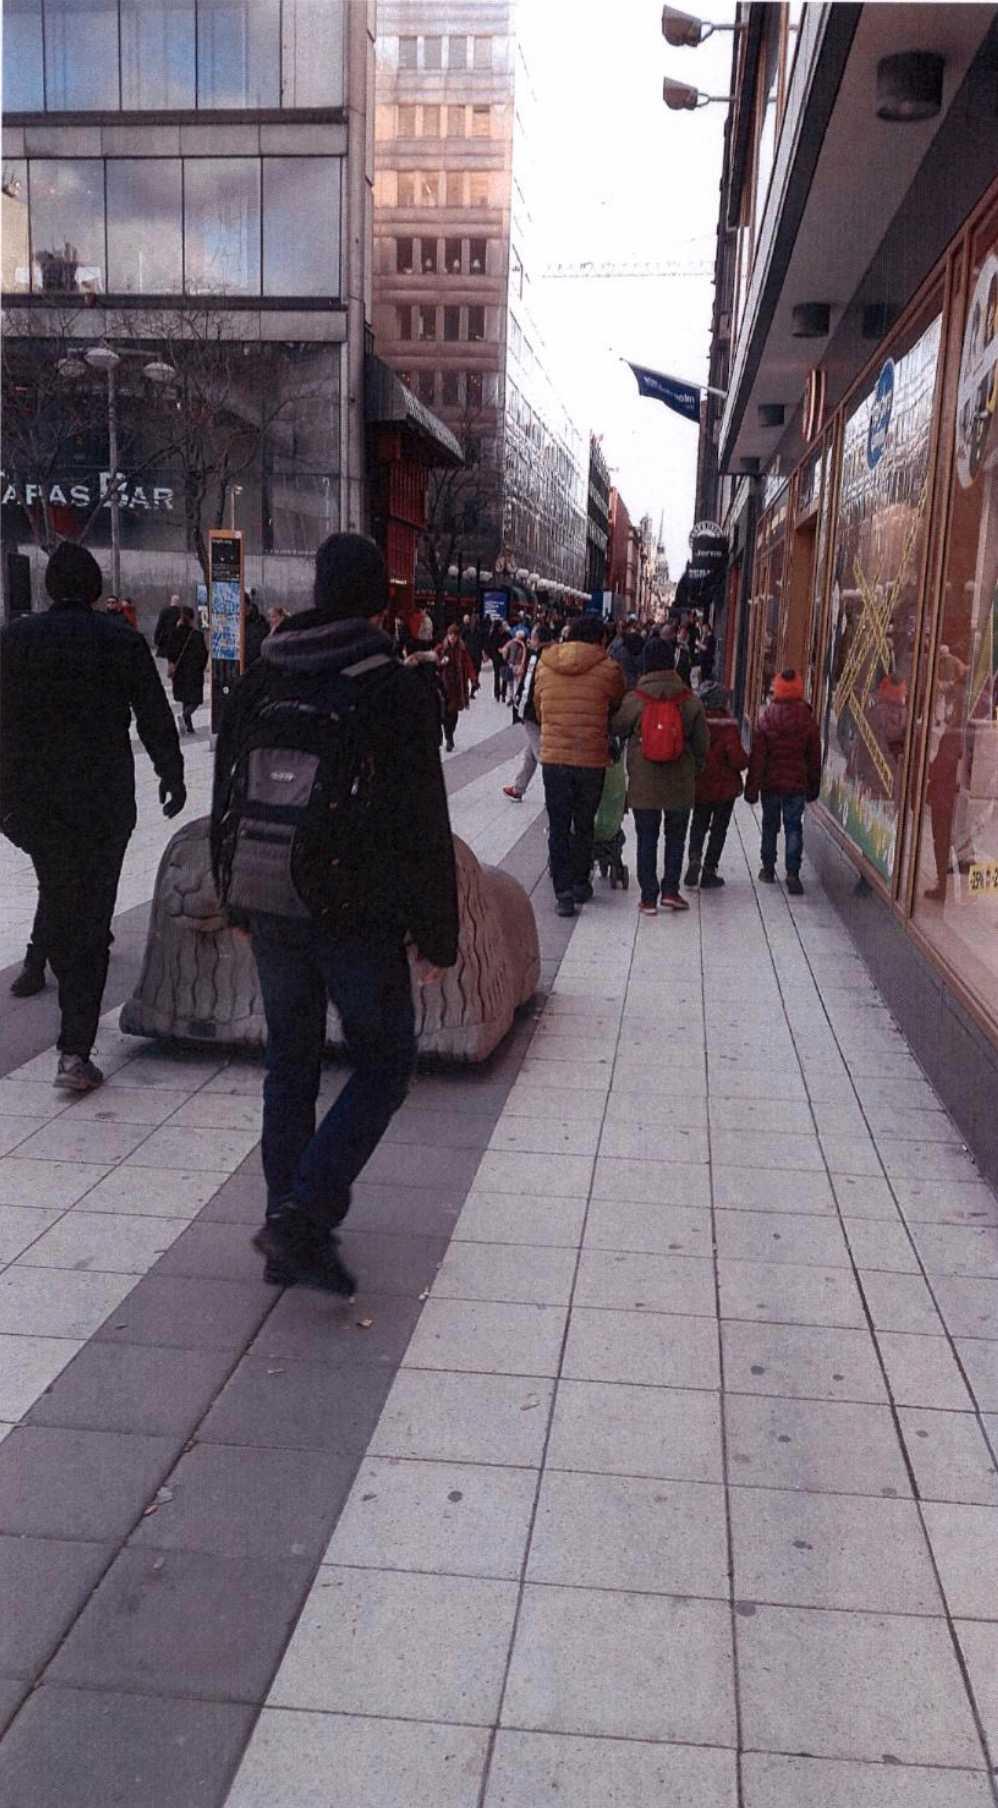 Akilovs bilder från Drottniggatan, Stockholm.